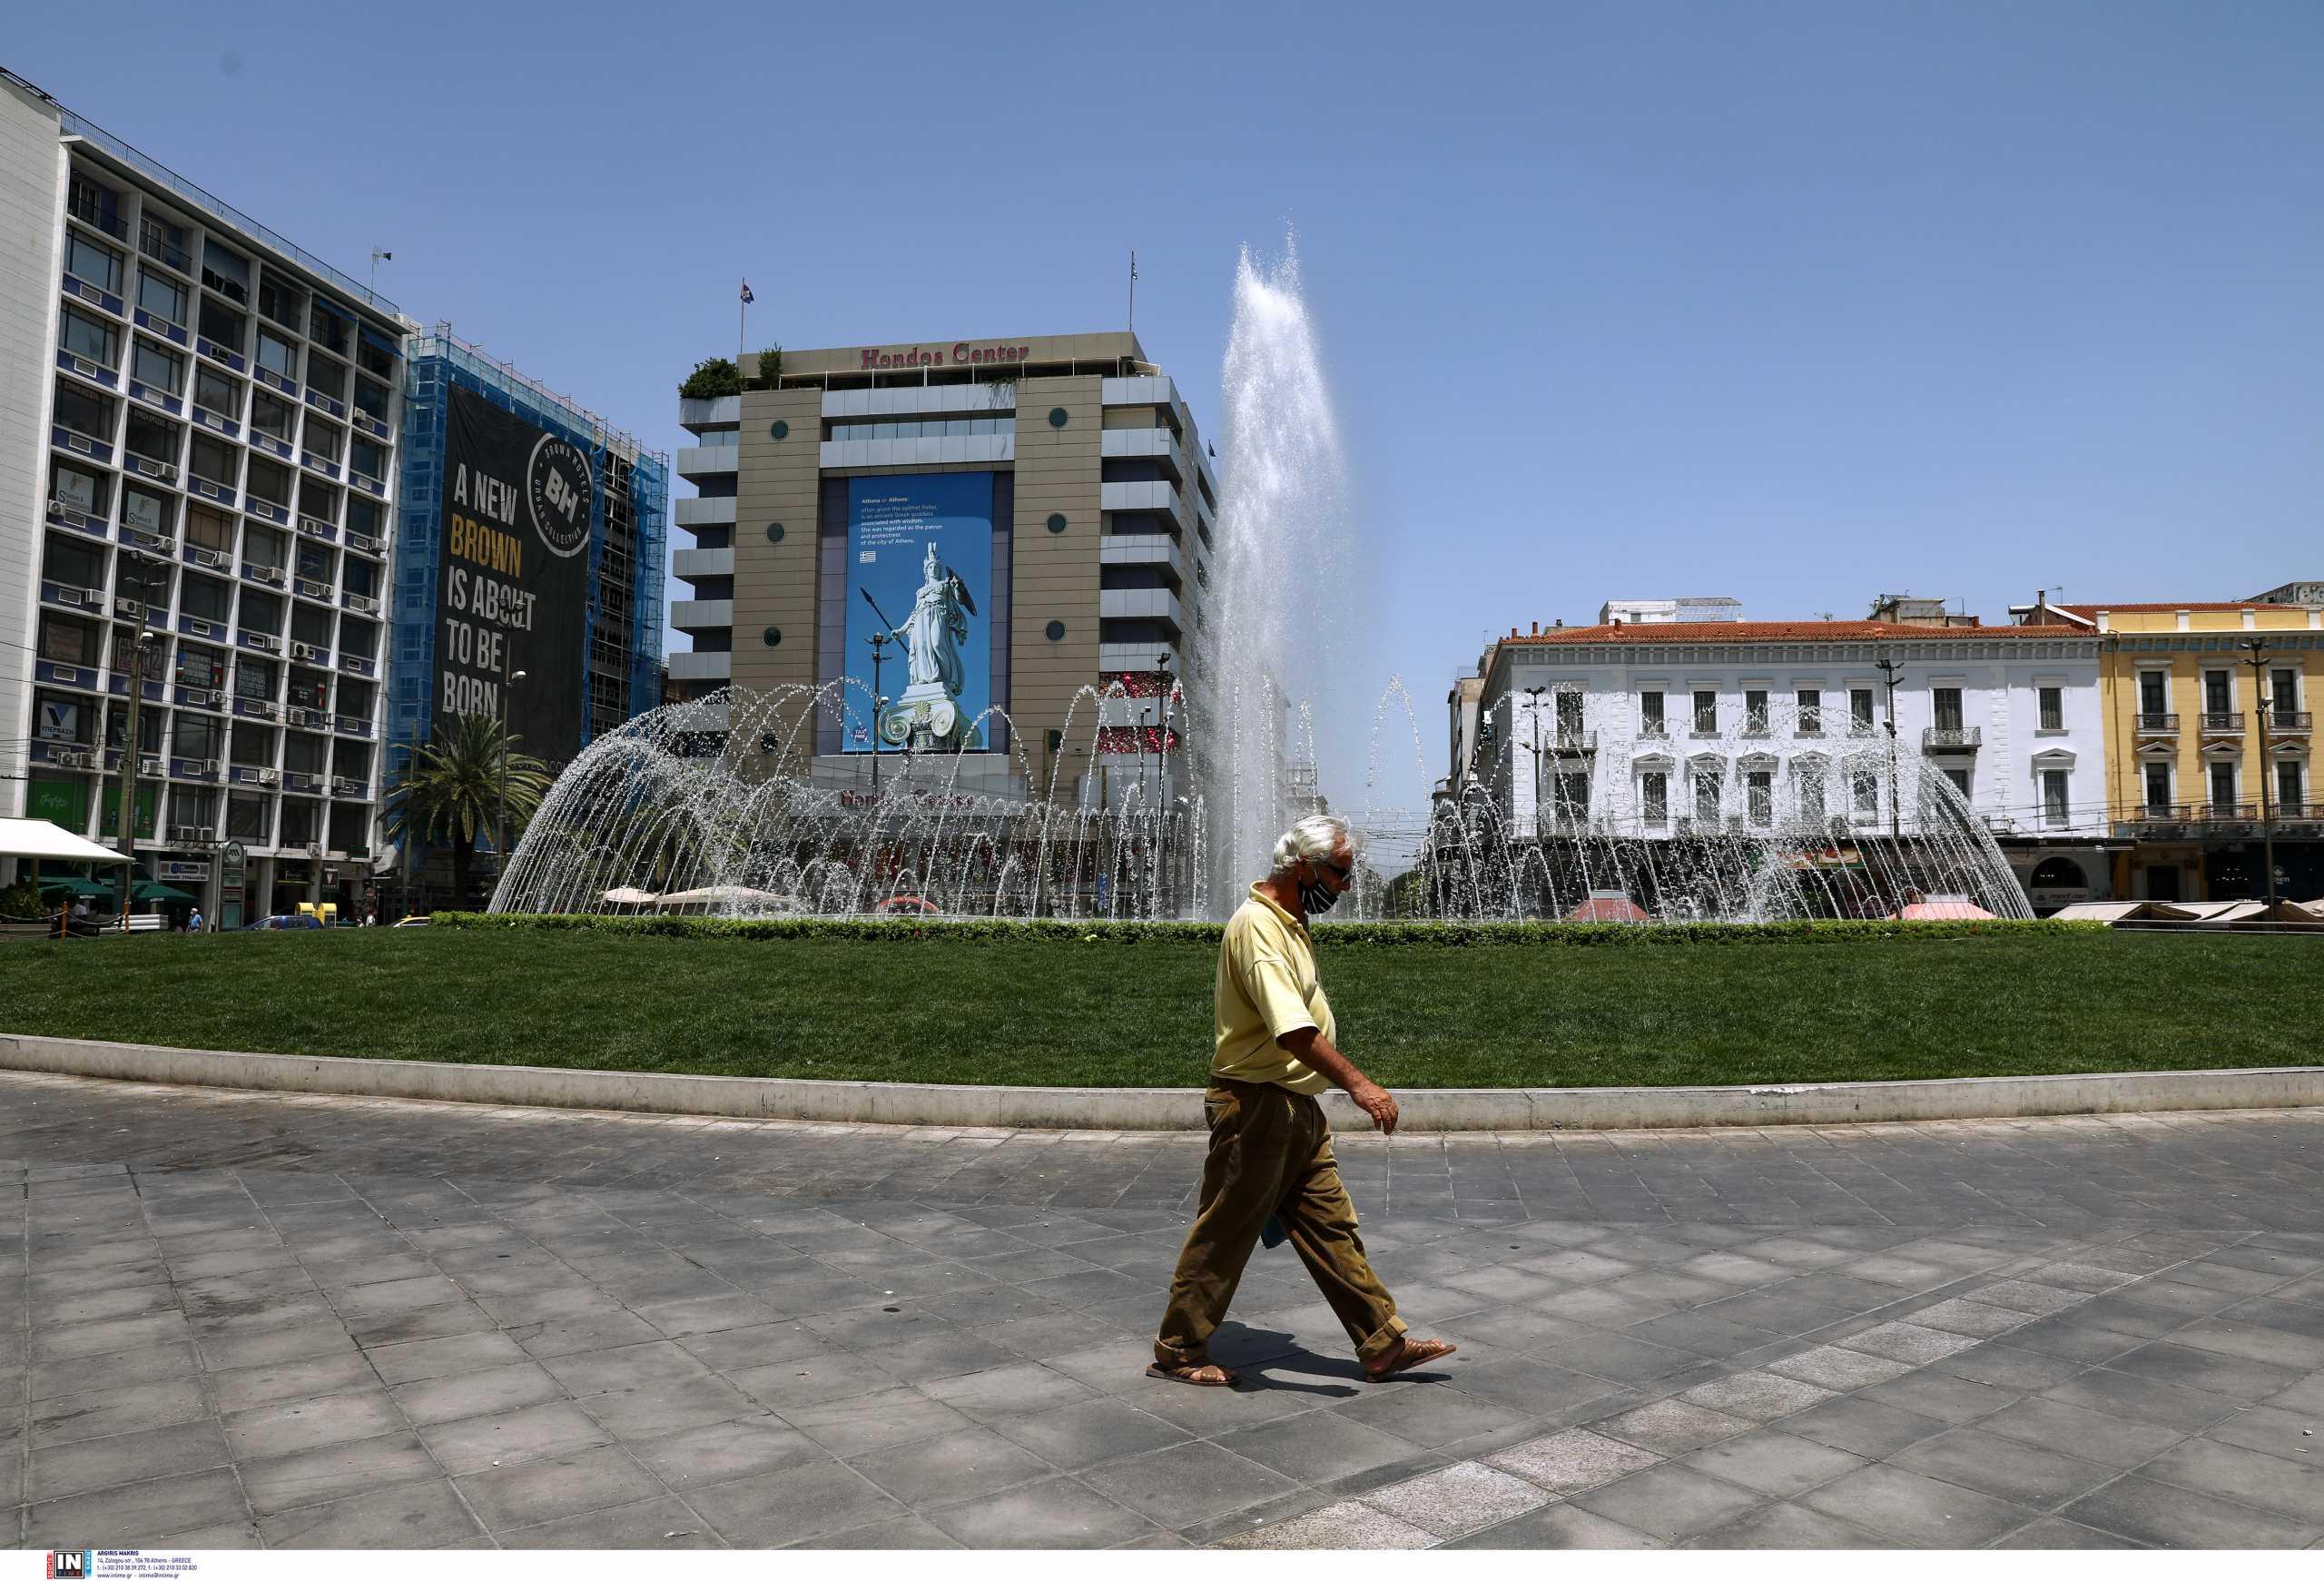 Καύσωνας: Στους 44,6 βαθμούς η θερμοκρασία στην Μεσσηνία – Πάνω από 40 σε 87 περιοχές